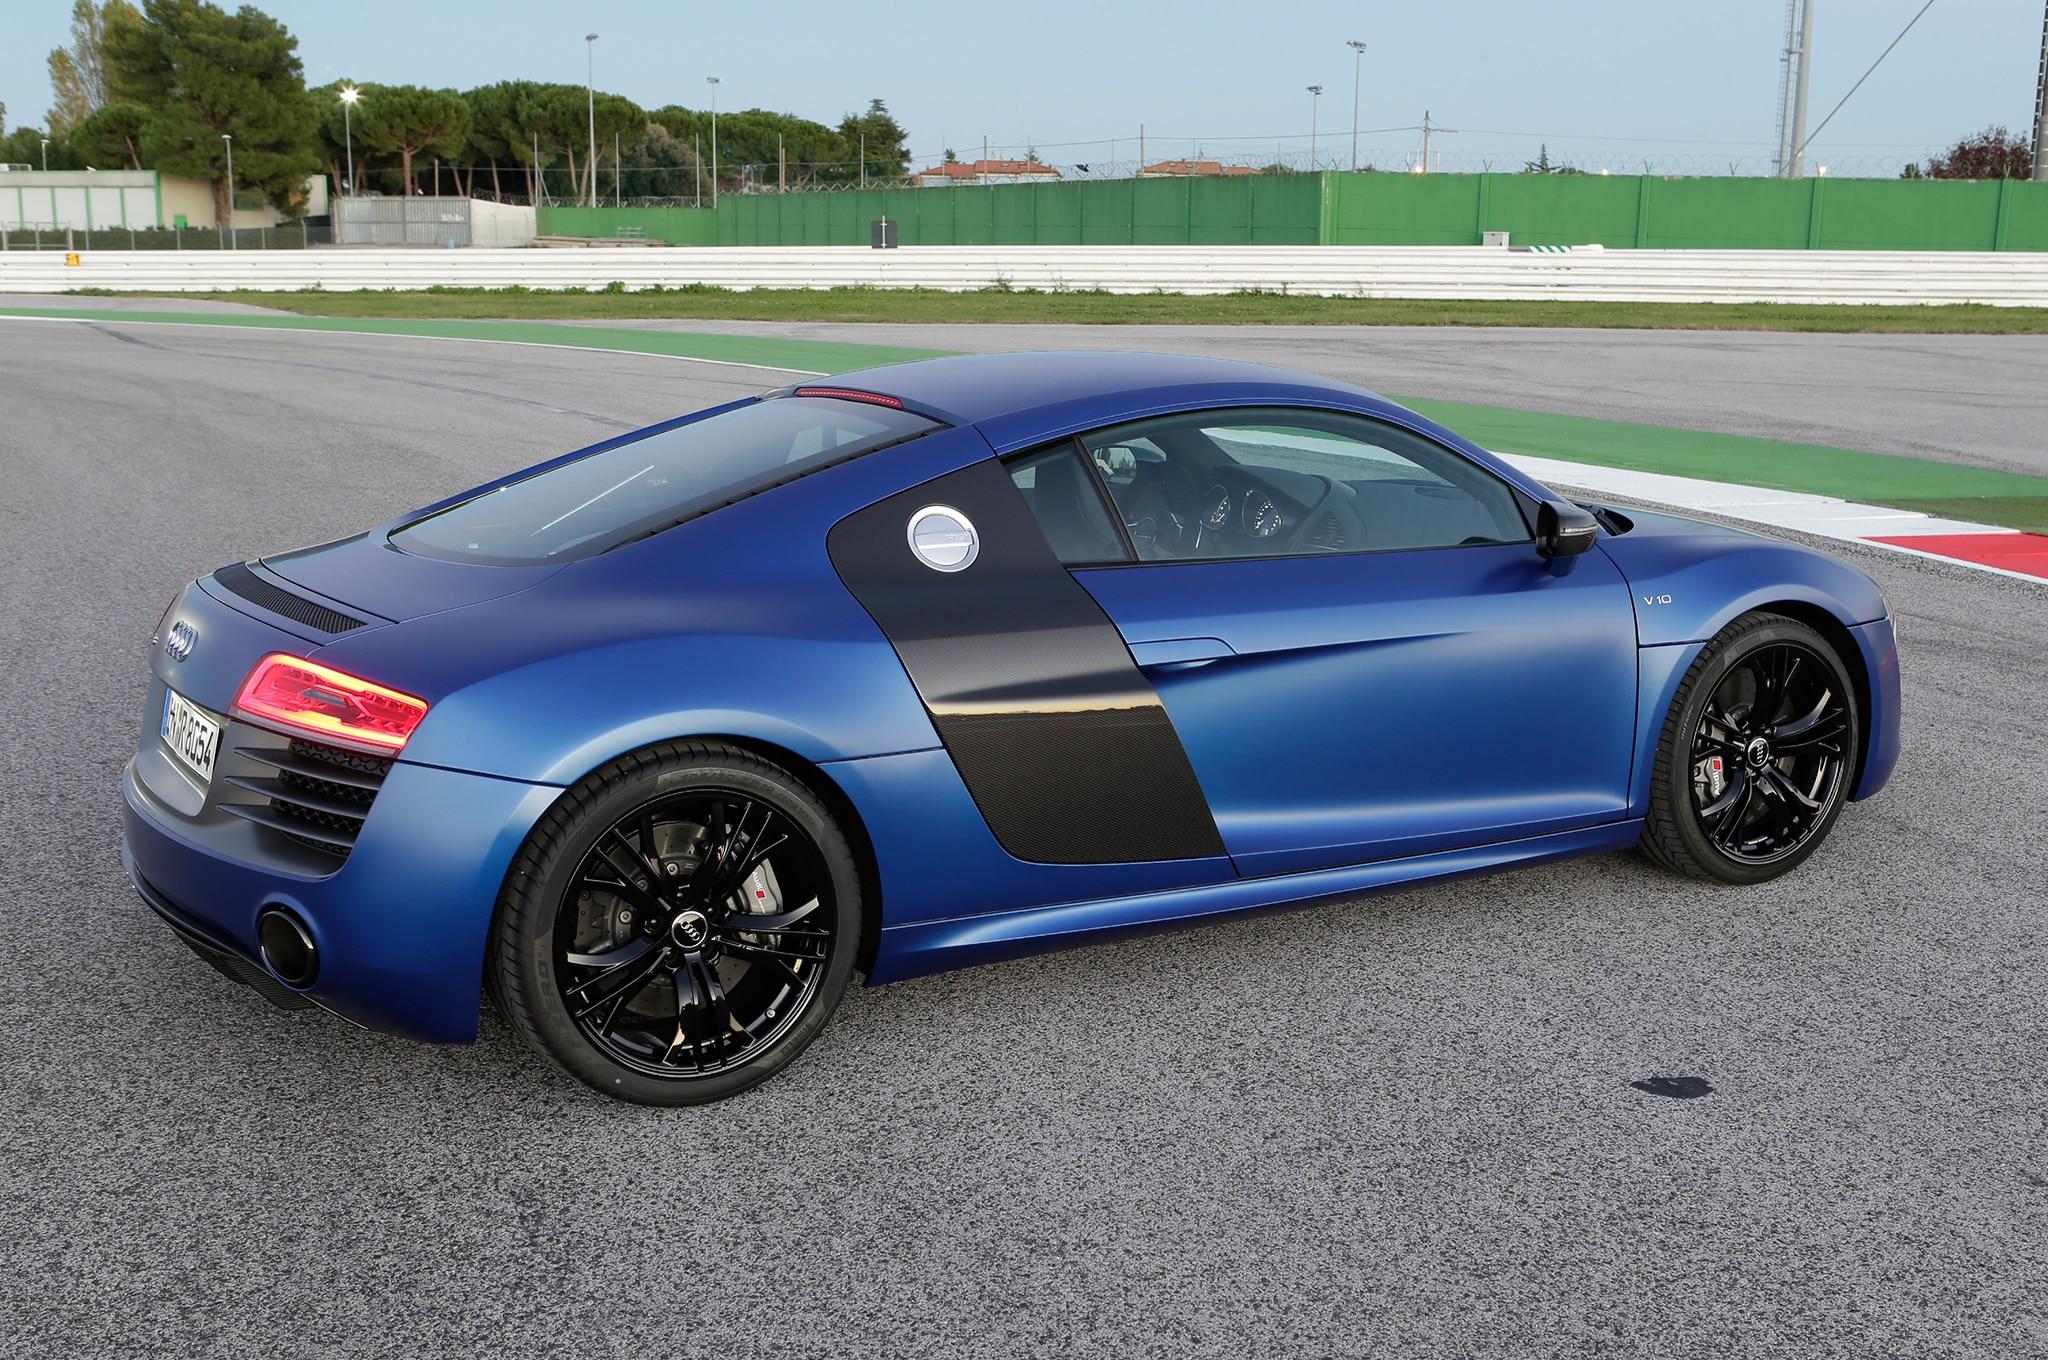 2014 Audi R8 V10 Plus Three Quarters Side View1